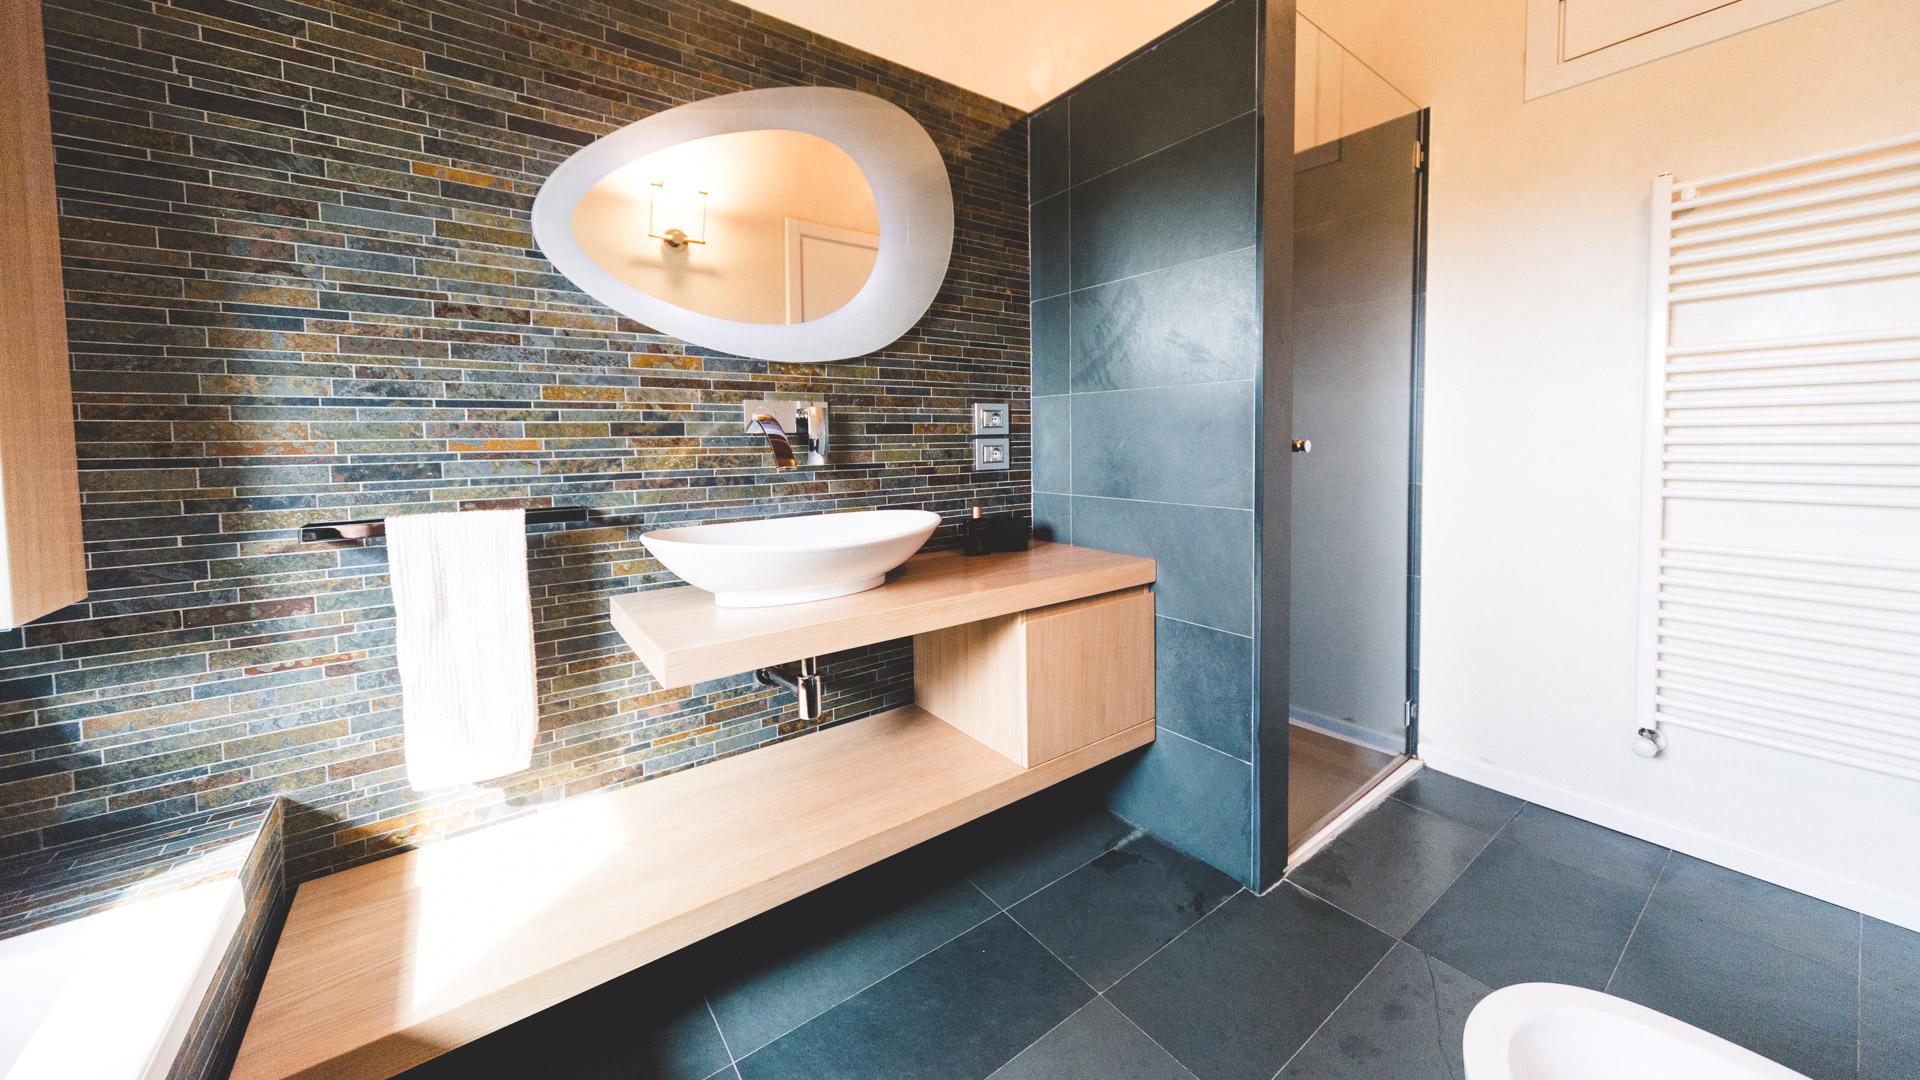 Piano Bagno In Ardesia : Top bagno ardesia idee per la casa douglasfalls